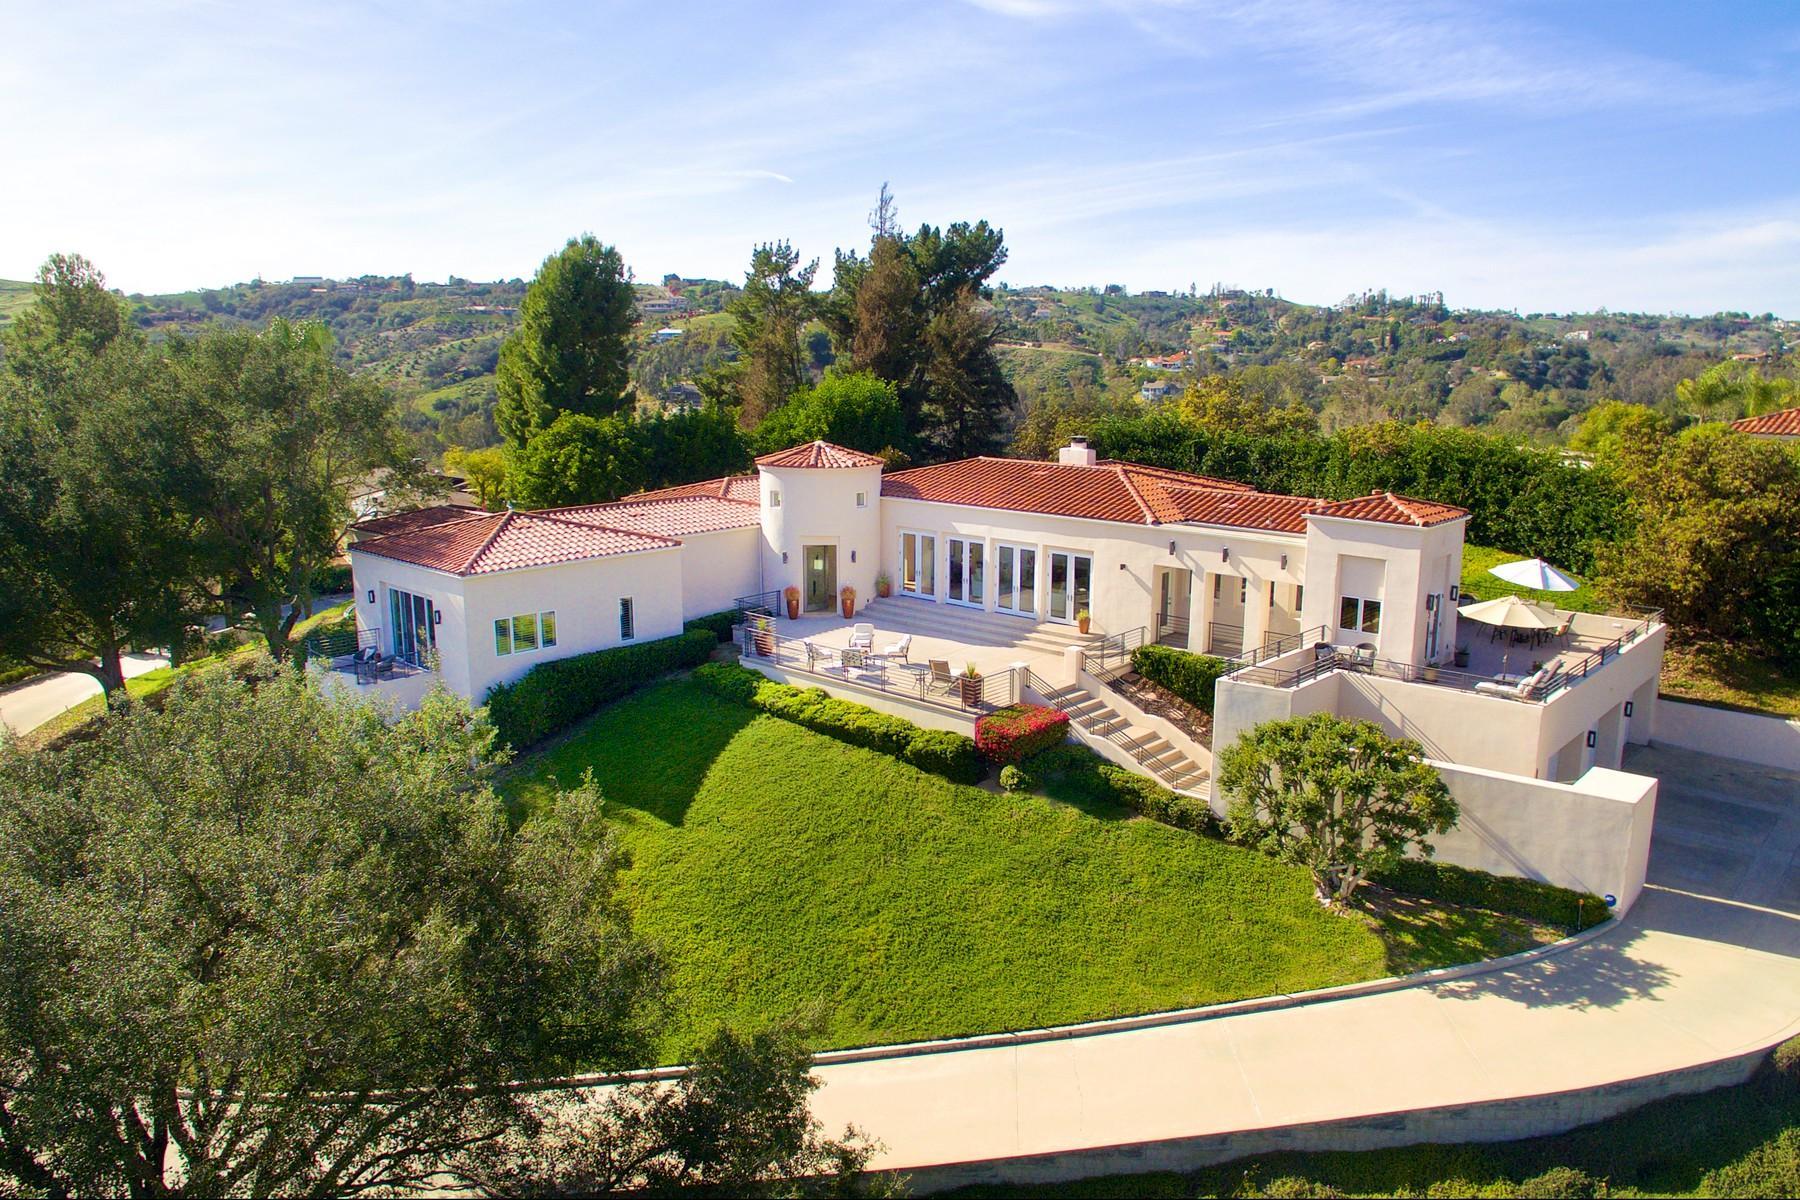 一戸建て のために 売買 アット 3007 Via del Cielo Fallbrook, カリフォルニア, 92028 アメリカ合衆国